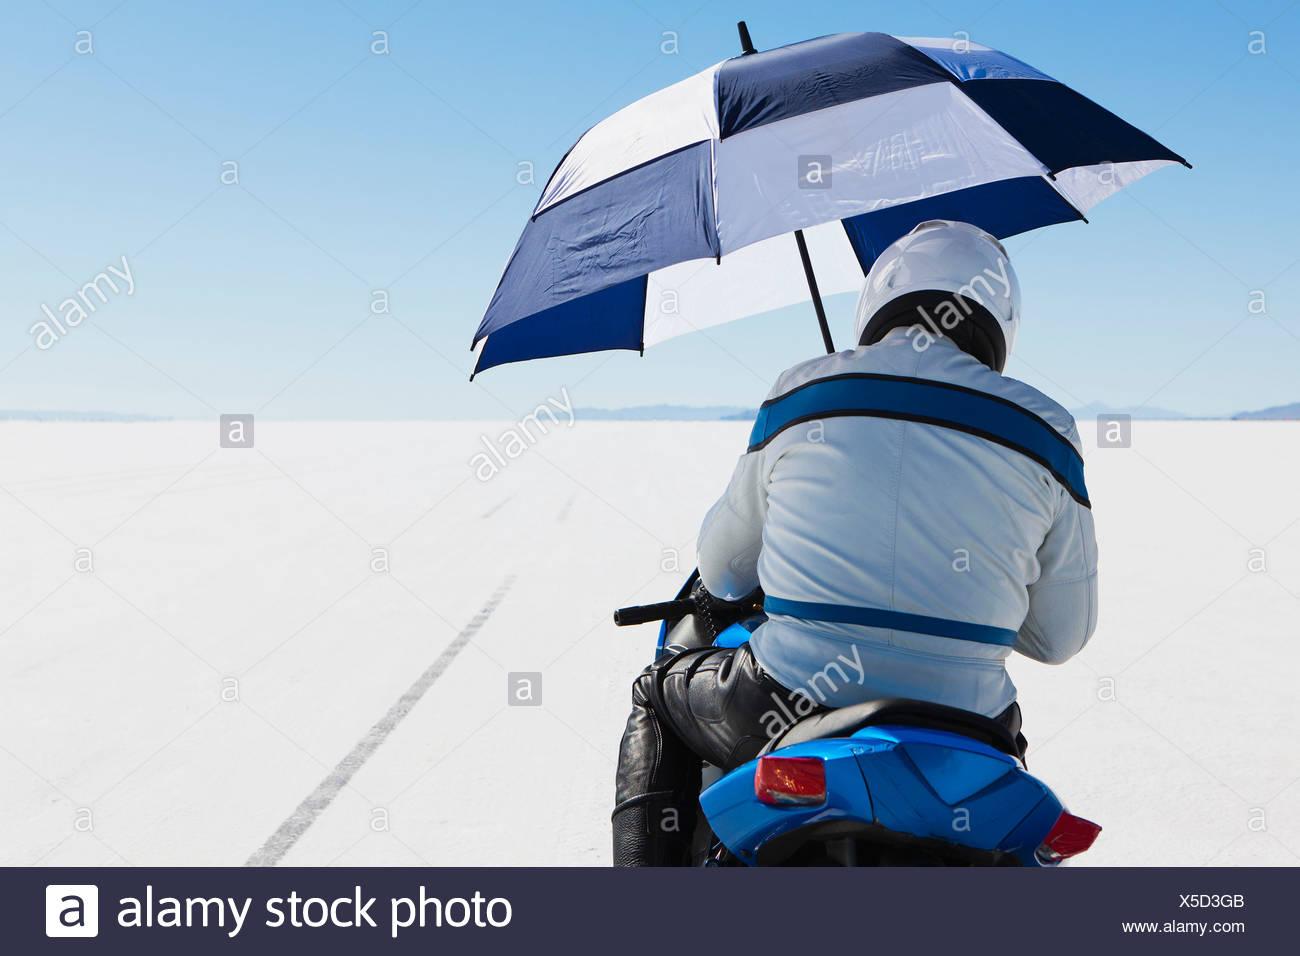 Un motociclista refugiarse bajo un paraguas, en la línea de inicio en la Semana de la velocidad en las salinas de Bonneville. Imagen De Stock